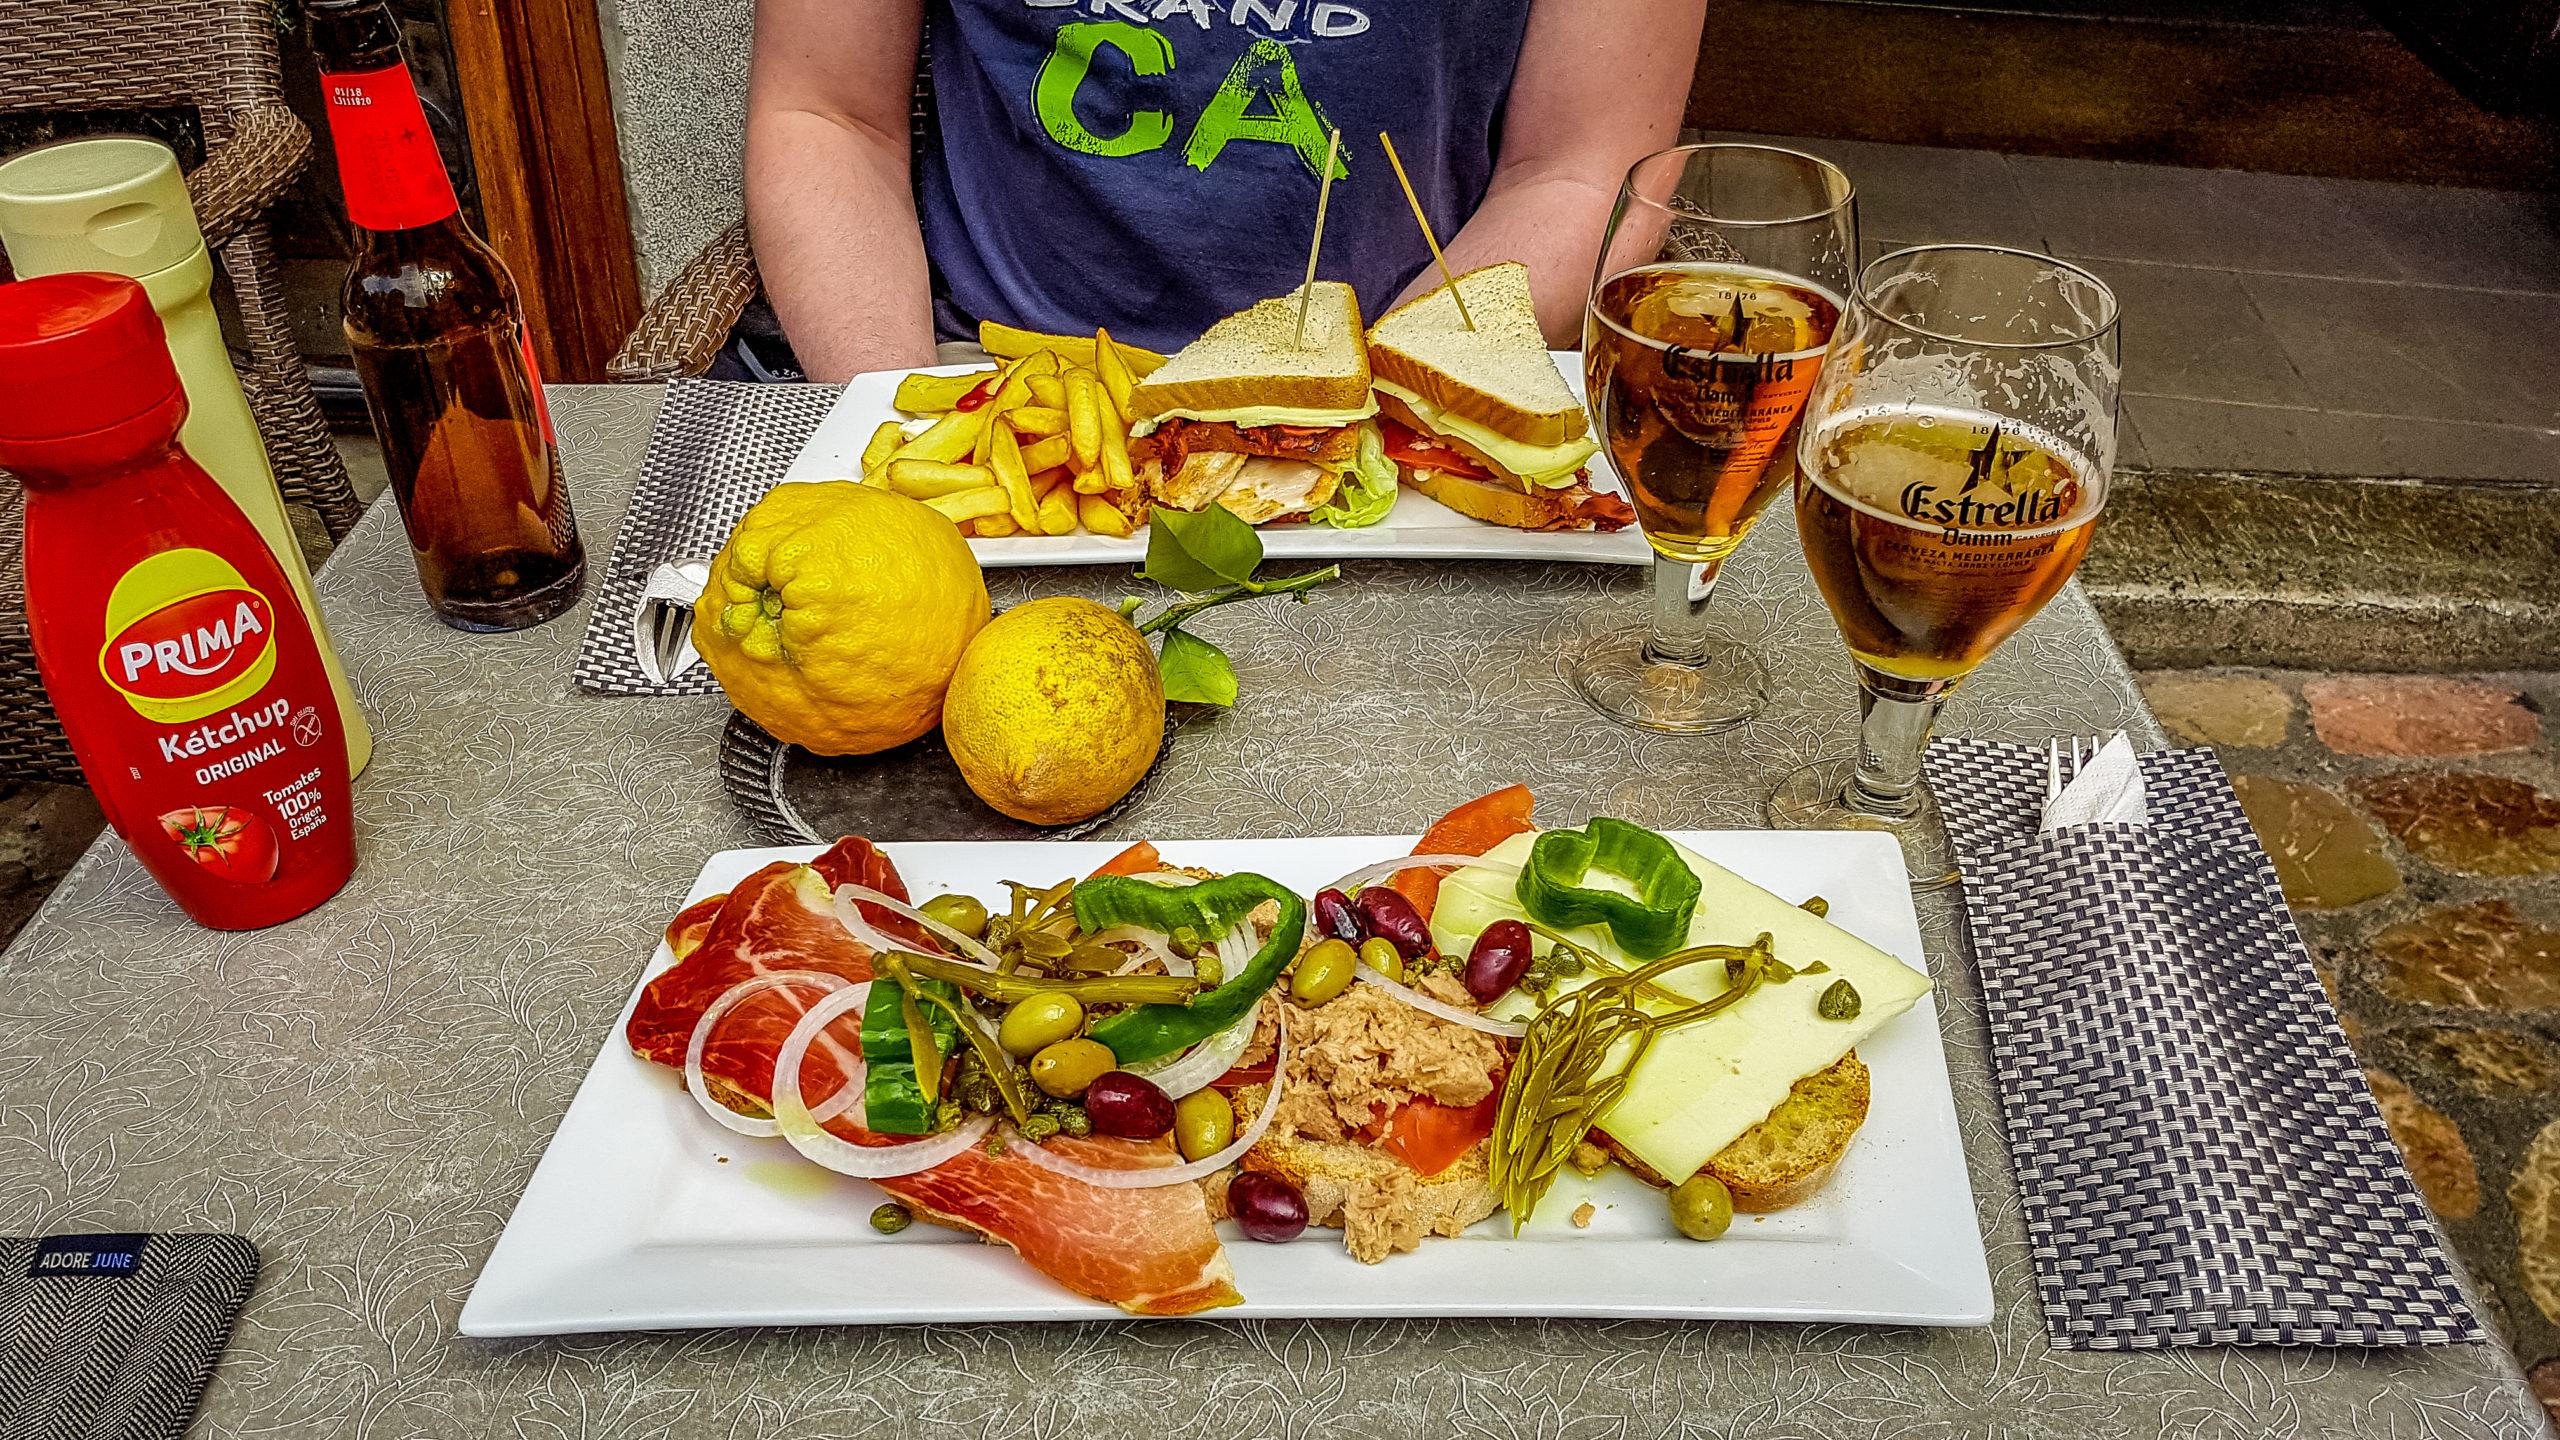 Meine Top 5 Mallorca Restaurant-Tipps 2019 21